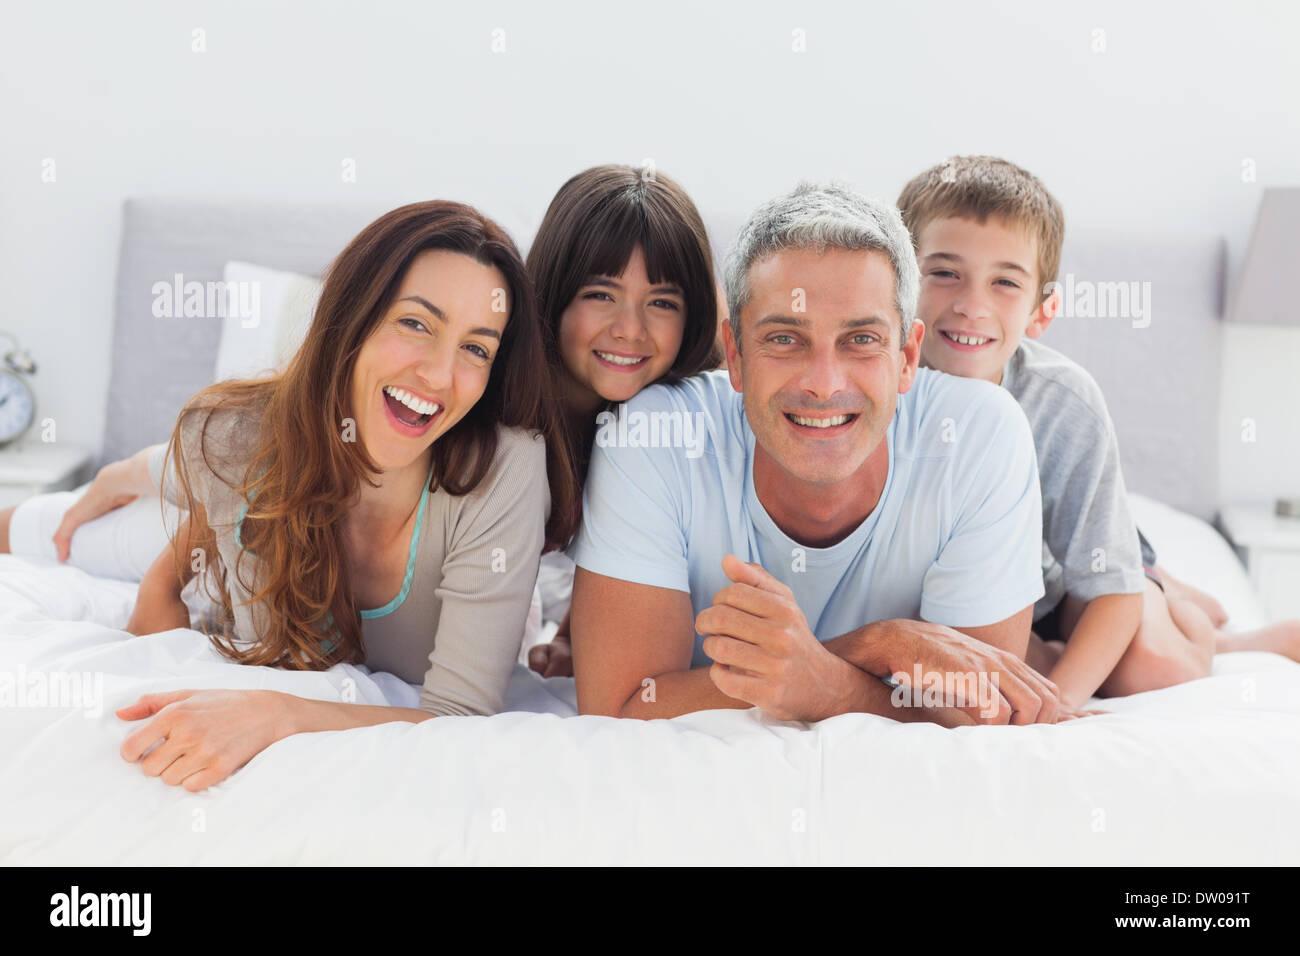 La famiglia felice giacente insieme Immagini Stock